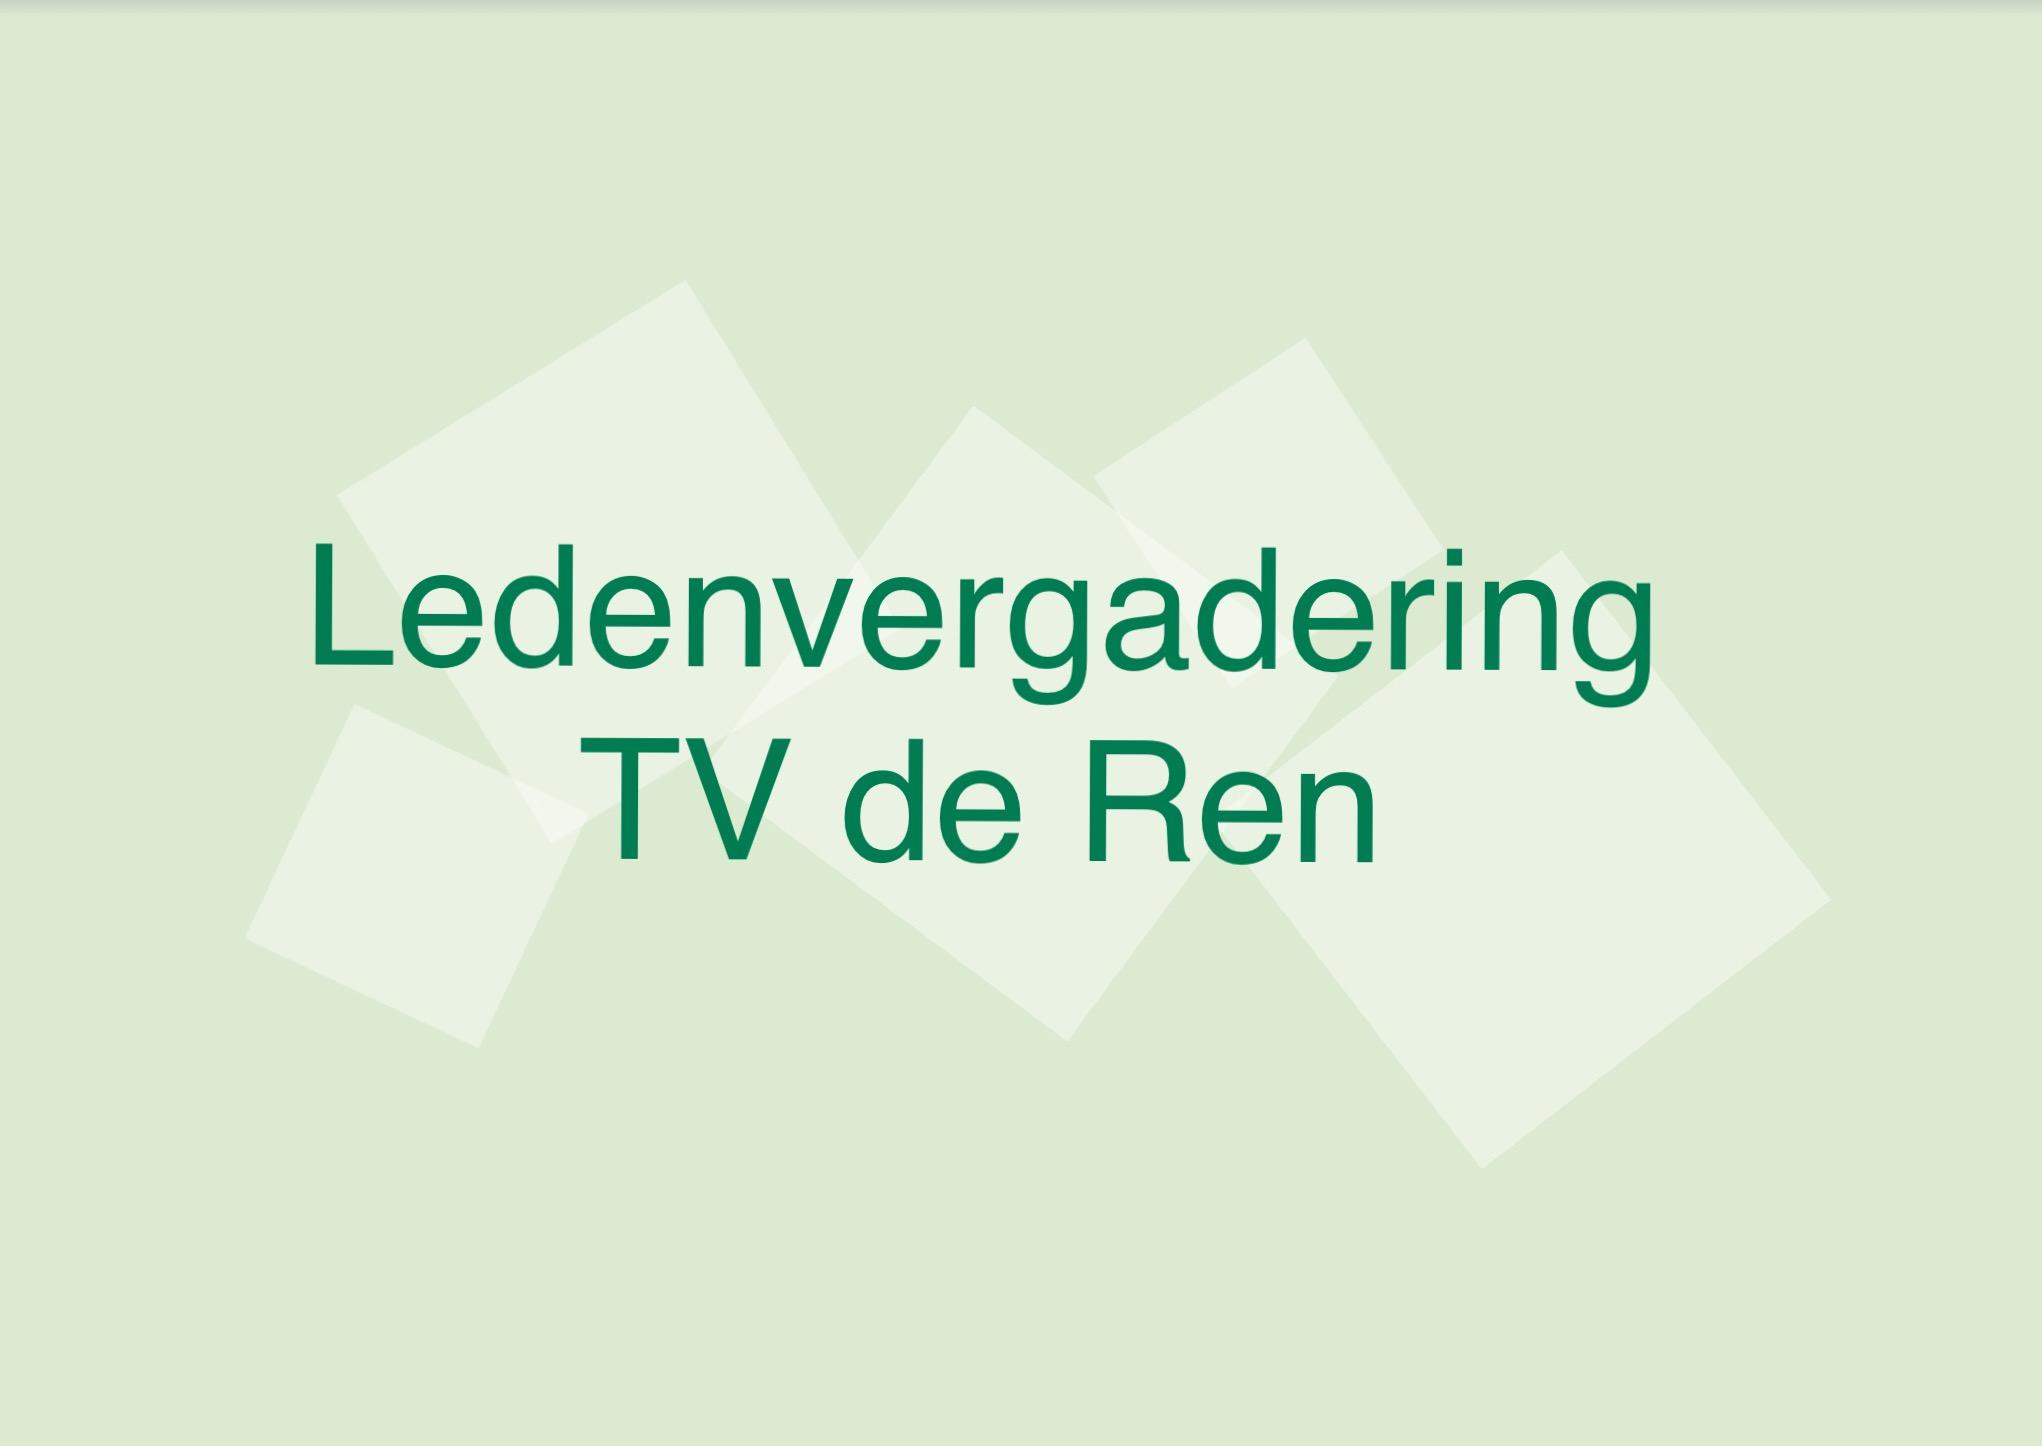 Jaarlijkse ledenvergadering TV de Ren